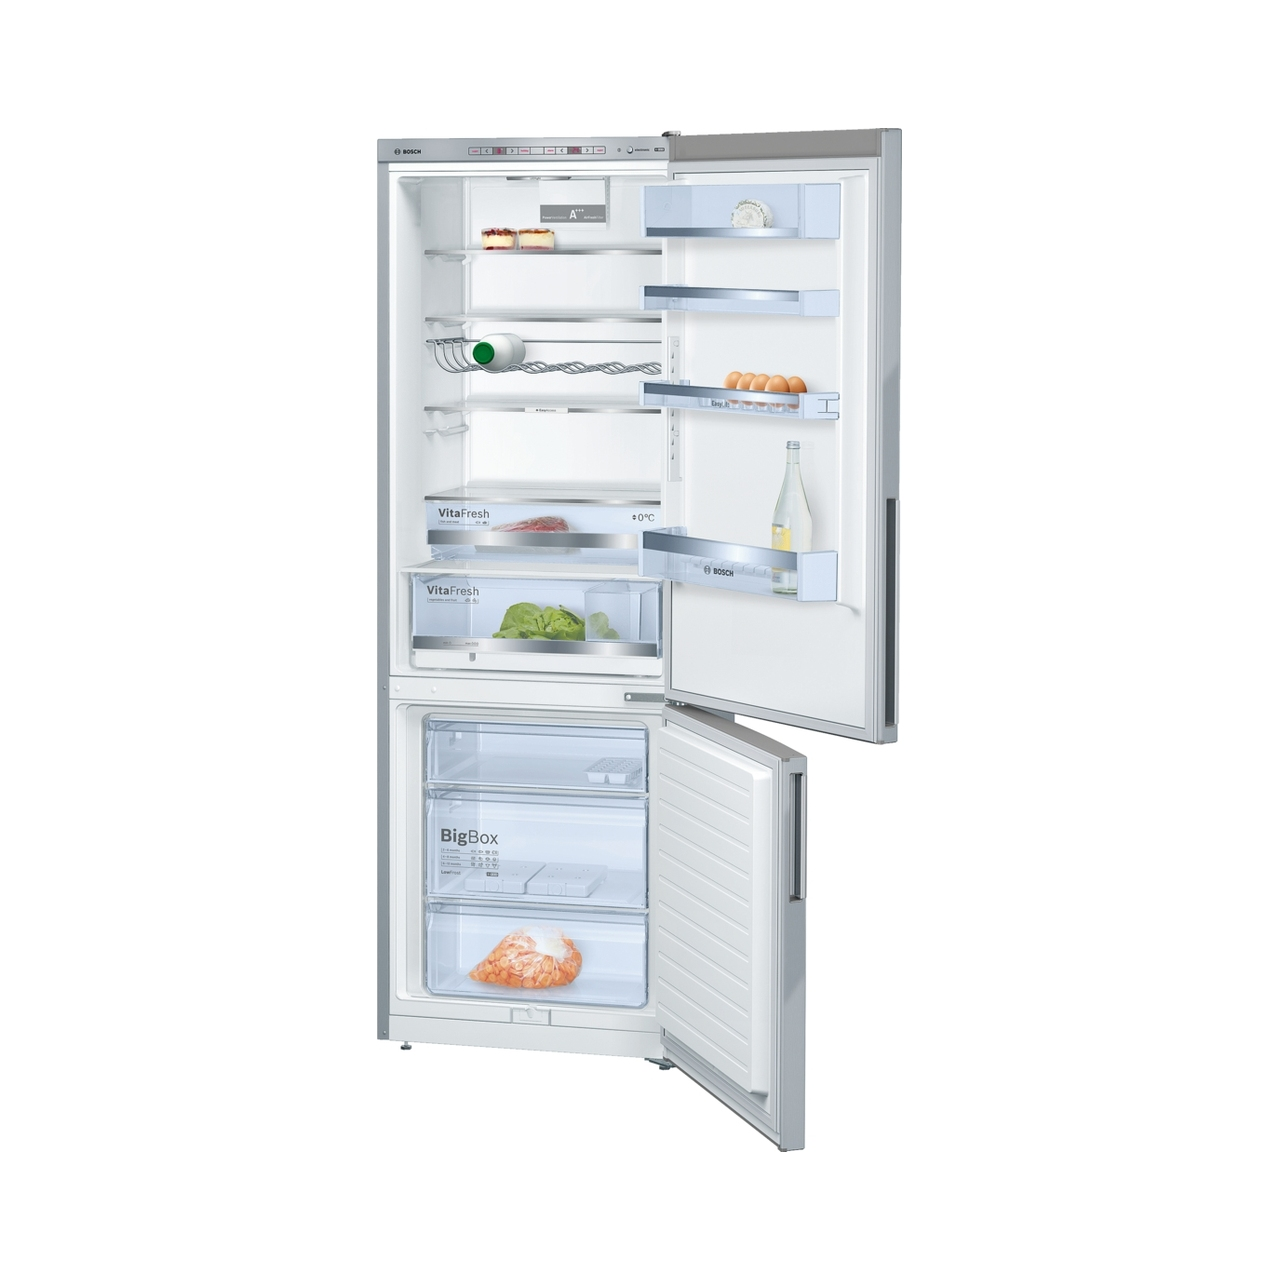 Tủ lạnh đơn BOSCH KGE49AL41 Serie 6